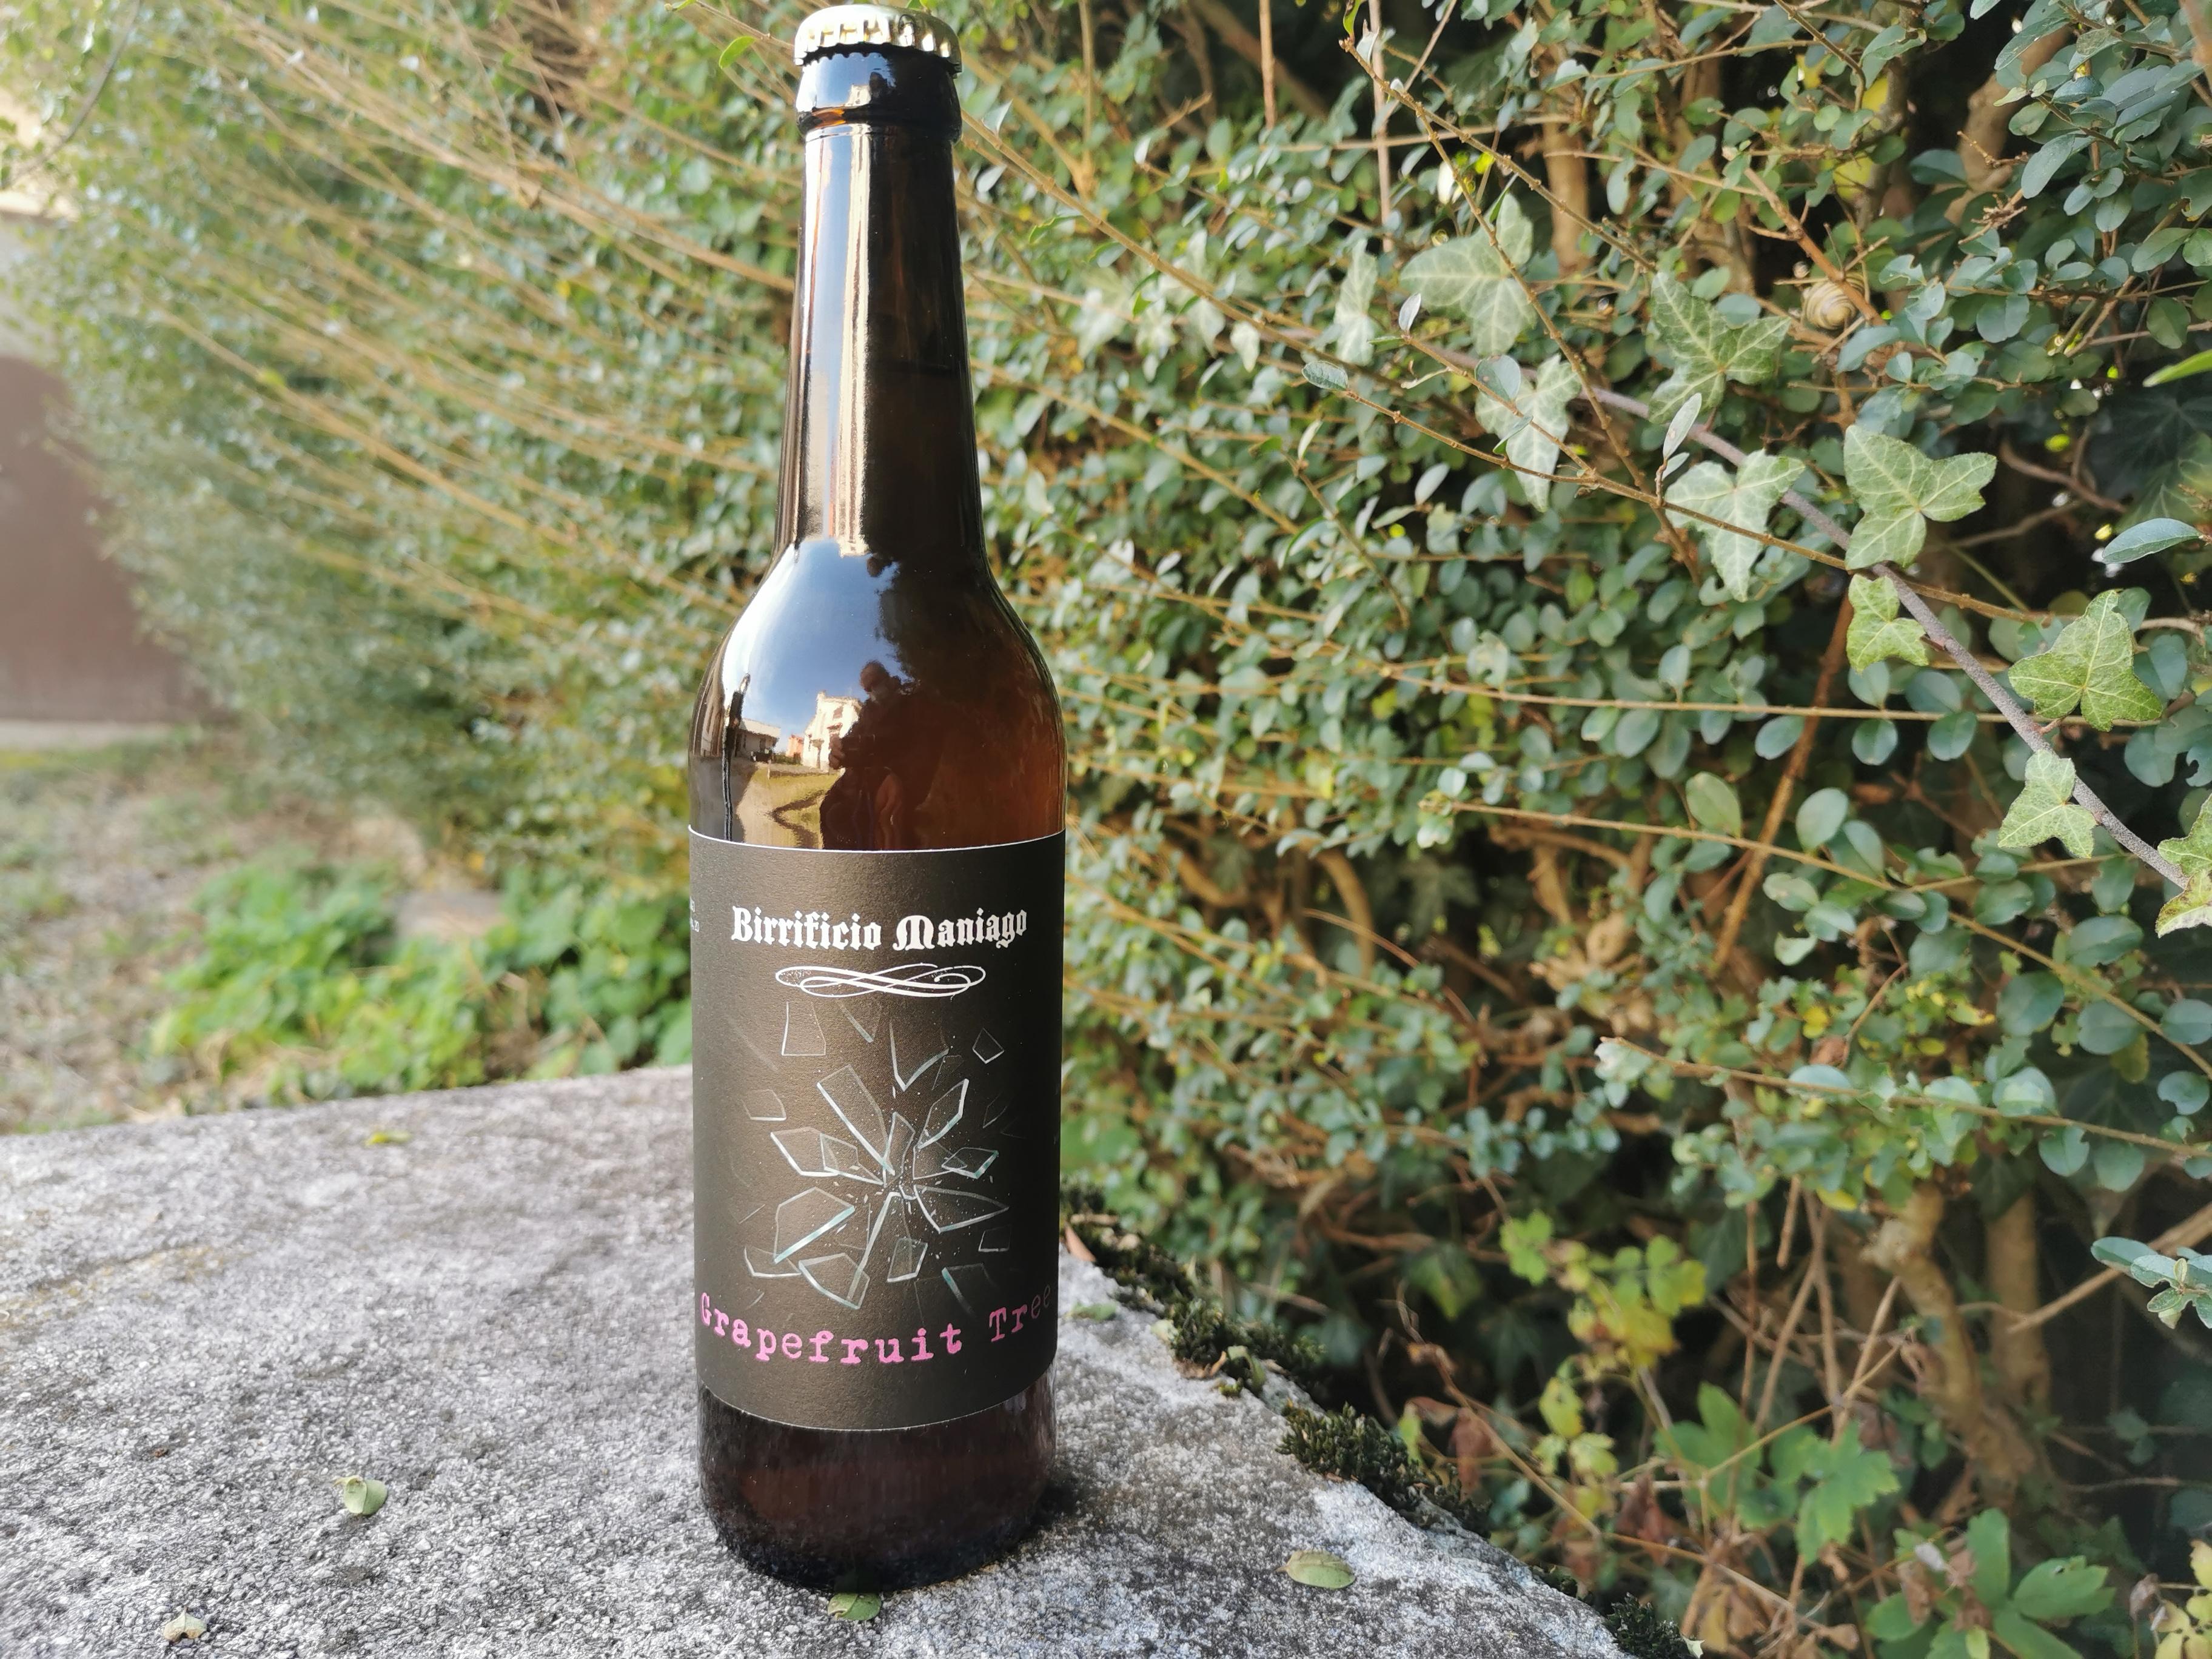 GRAPEFRUIT TREE - Birrificio di Maniago - Bottiglia da 0.5 L